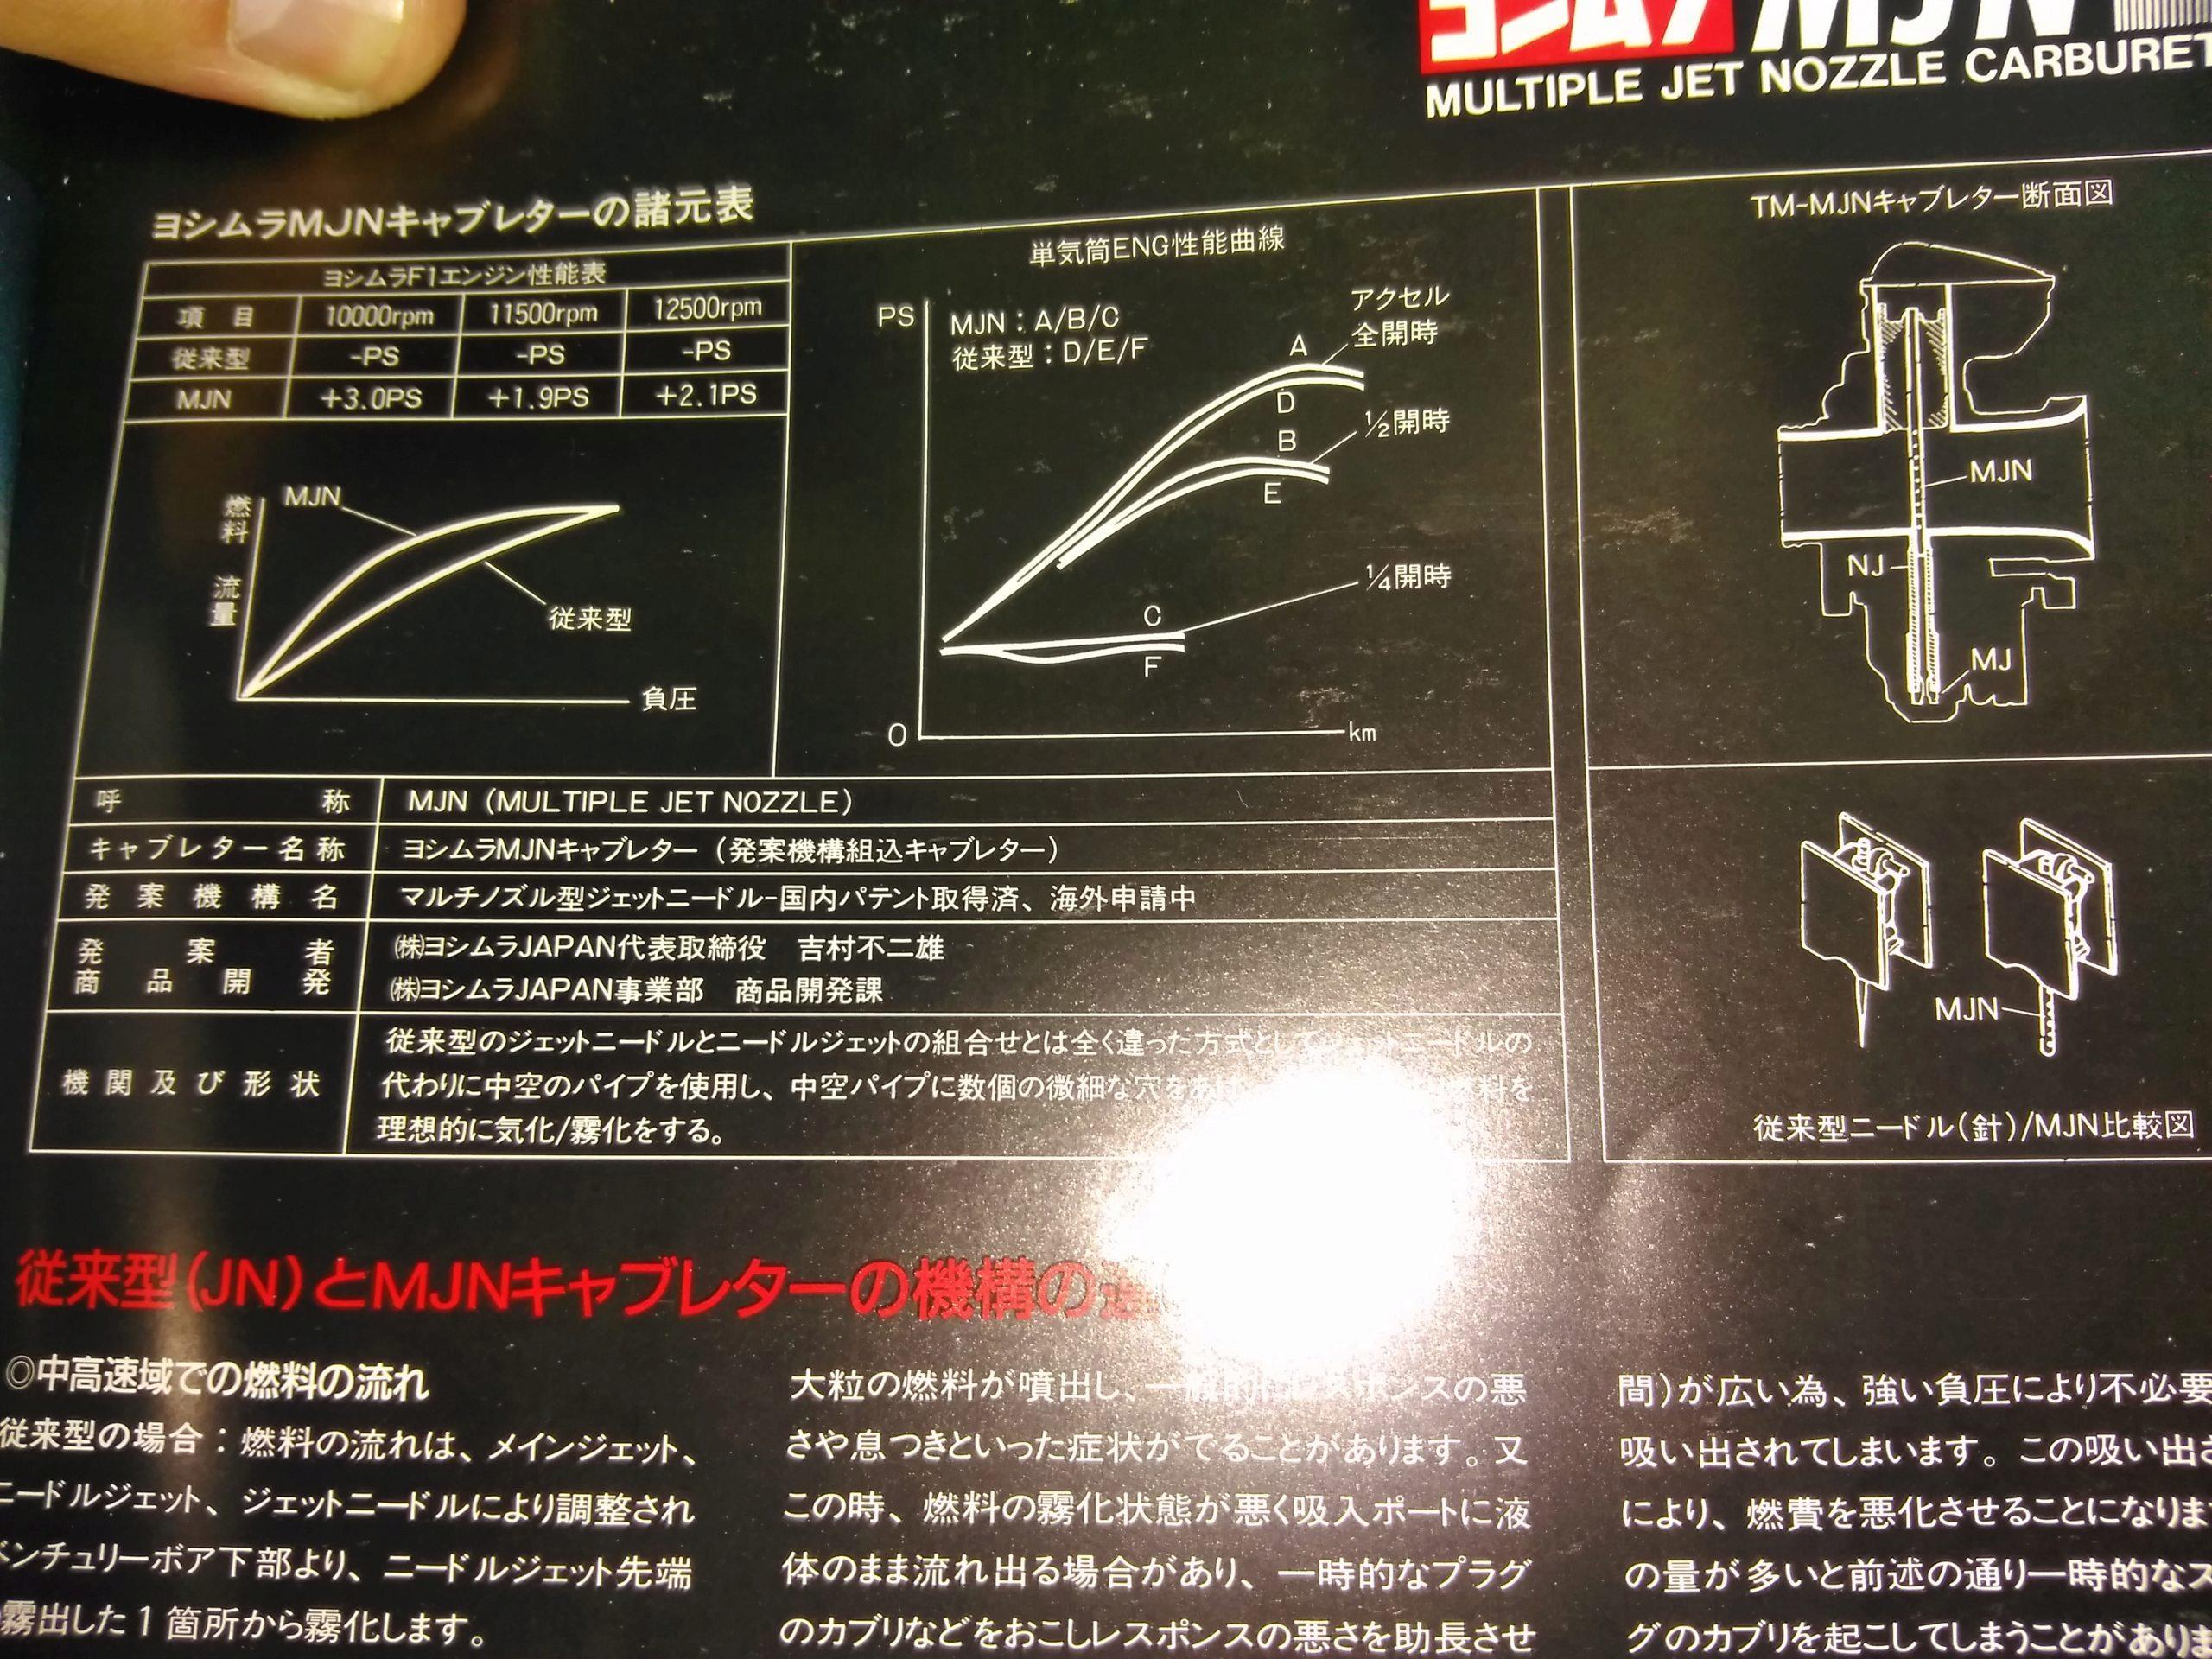 ATENCION, porno duro: Catalogo de chuches Yoshimura 93-95 Img_2020